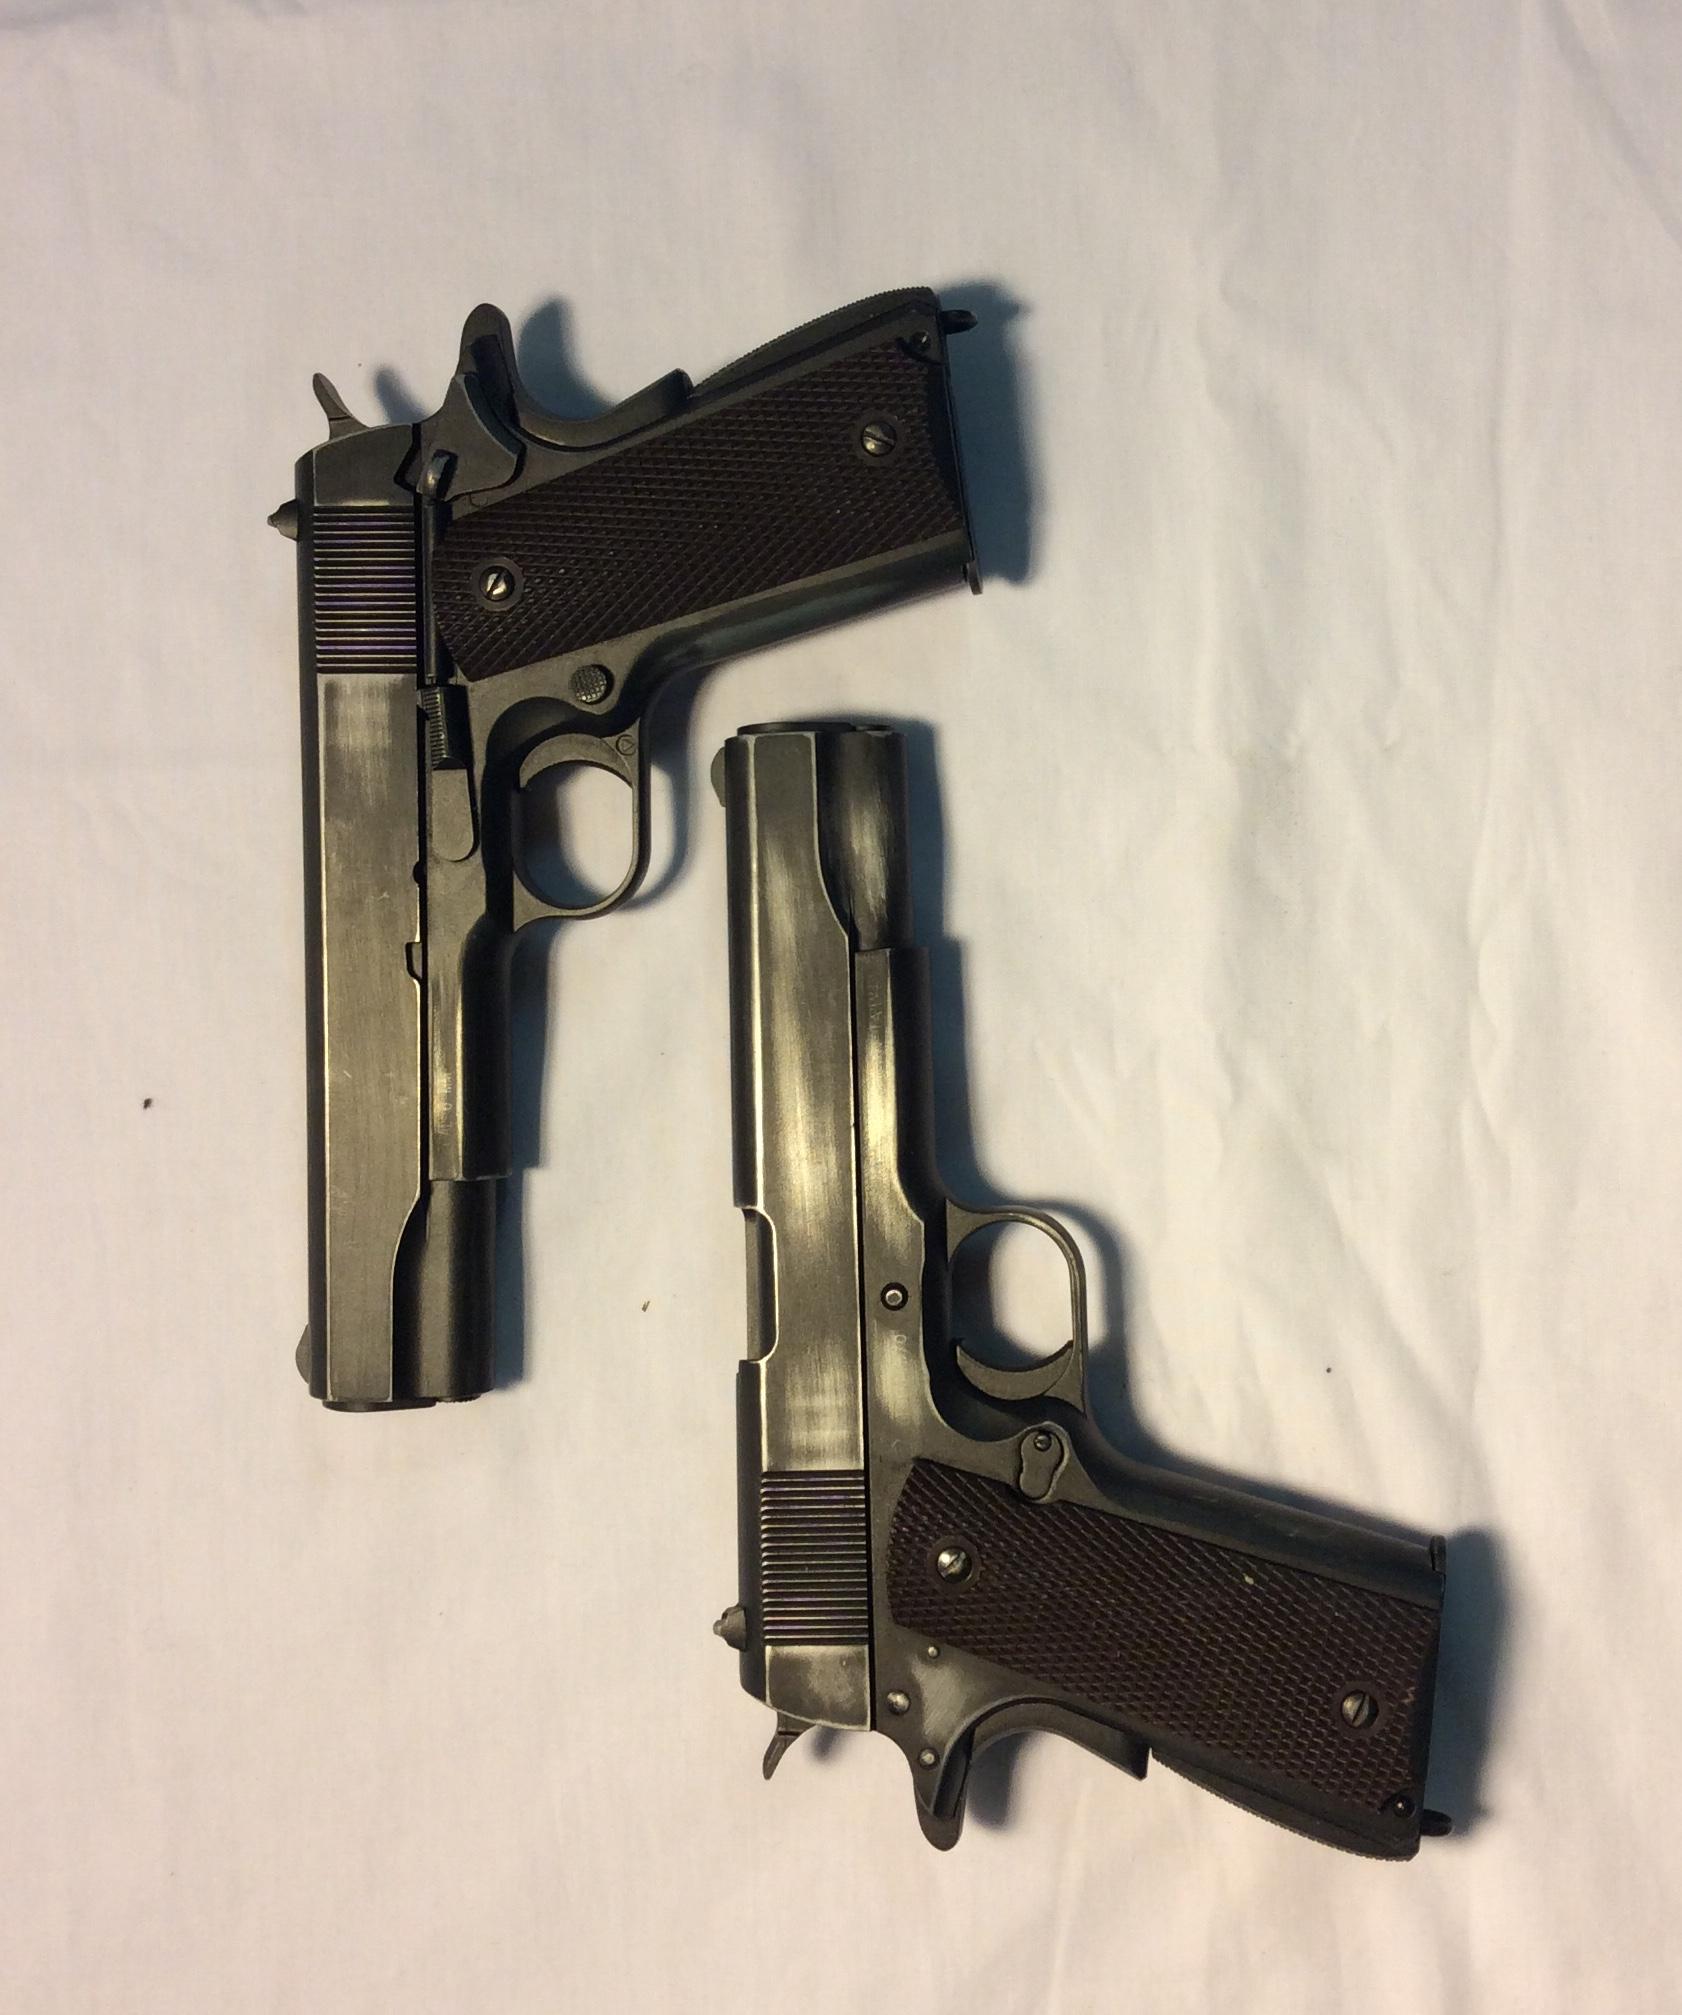 1911 Colt Airsoft gun